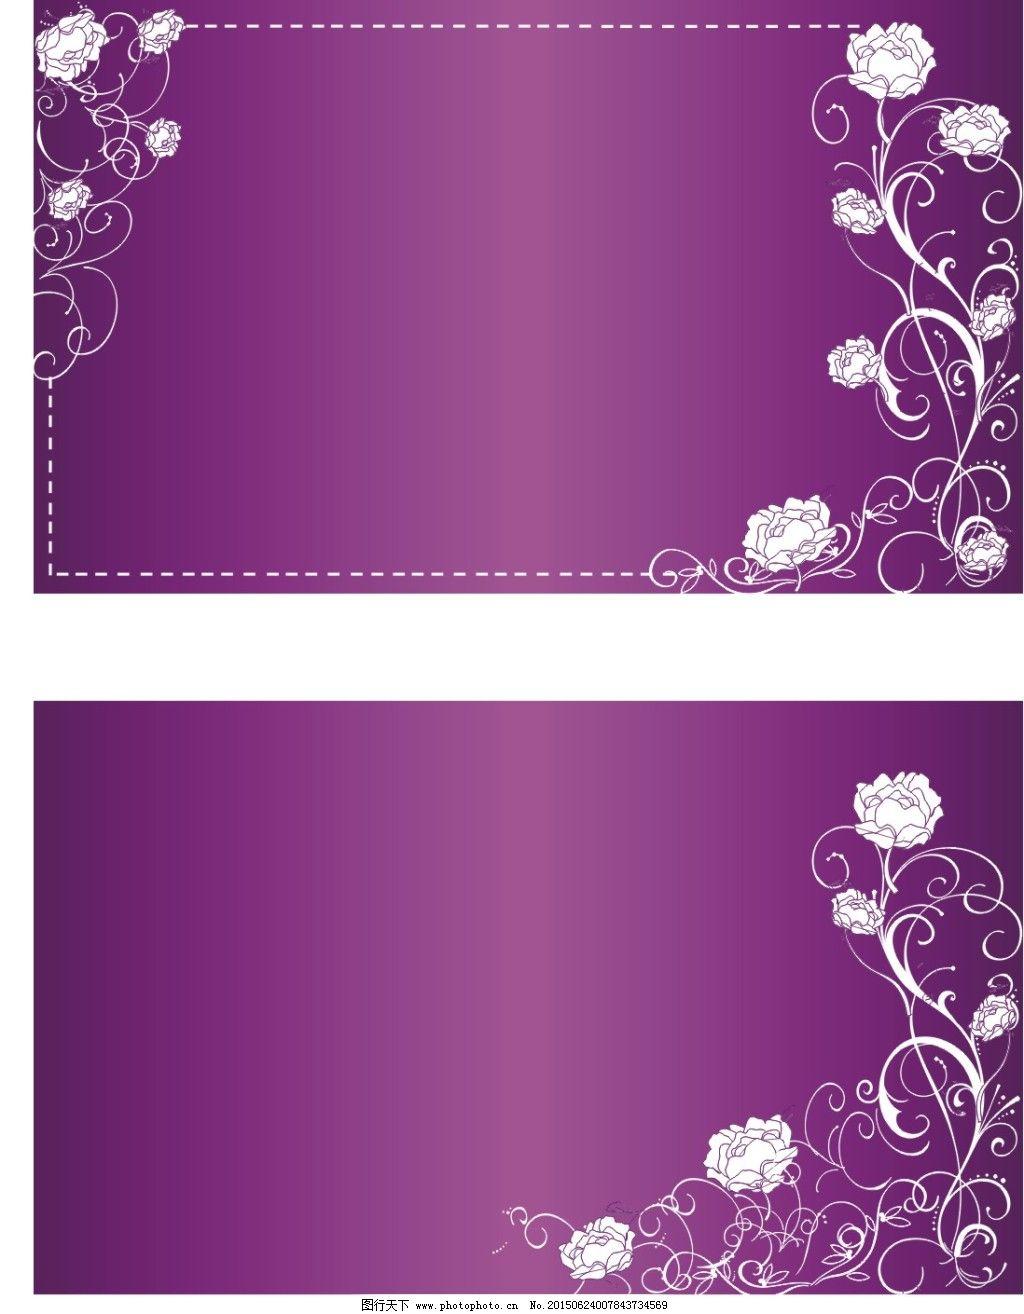 紫色高端气质名片模板